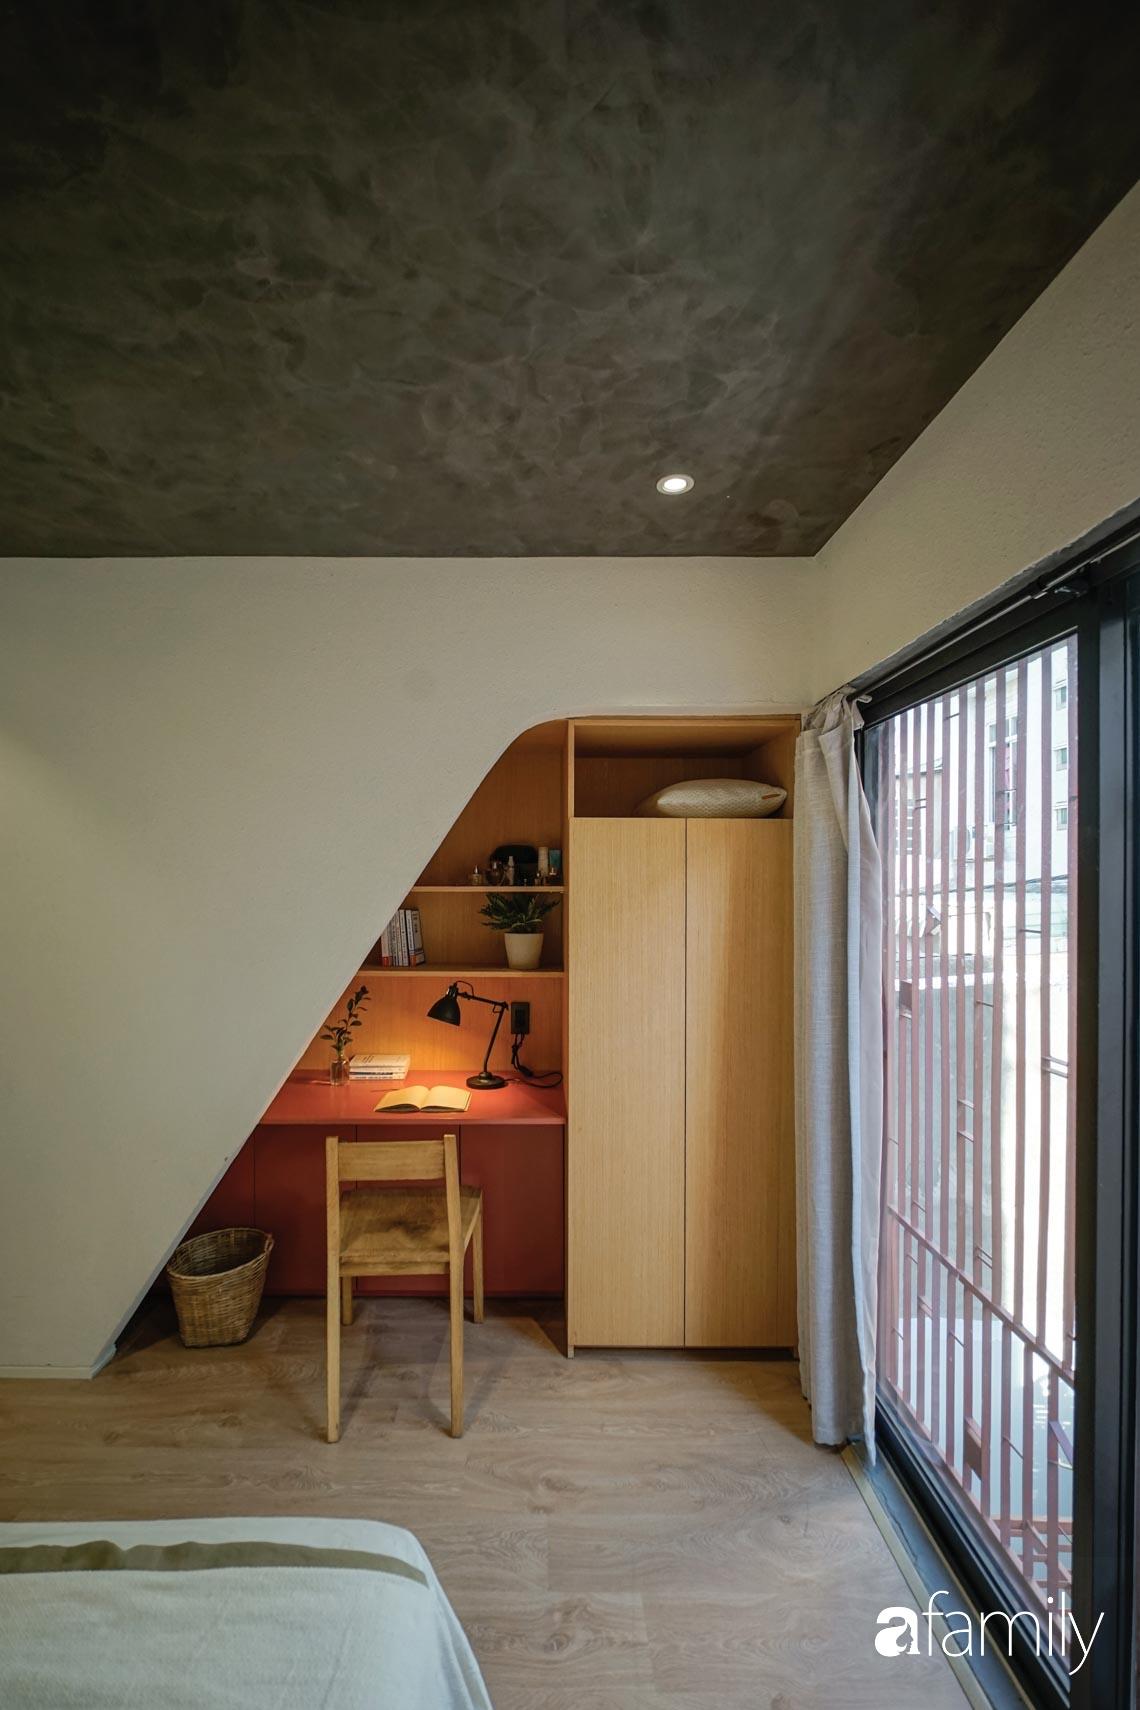 Ngôi nhà phố thiết kế khác biệt để mang đến những điều đặc biệt cho cuộc sống của gia đình trẻ ở TP HCM - Ảnh 5.